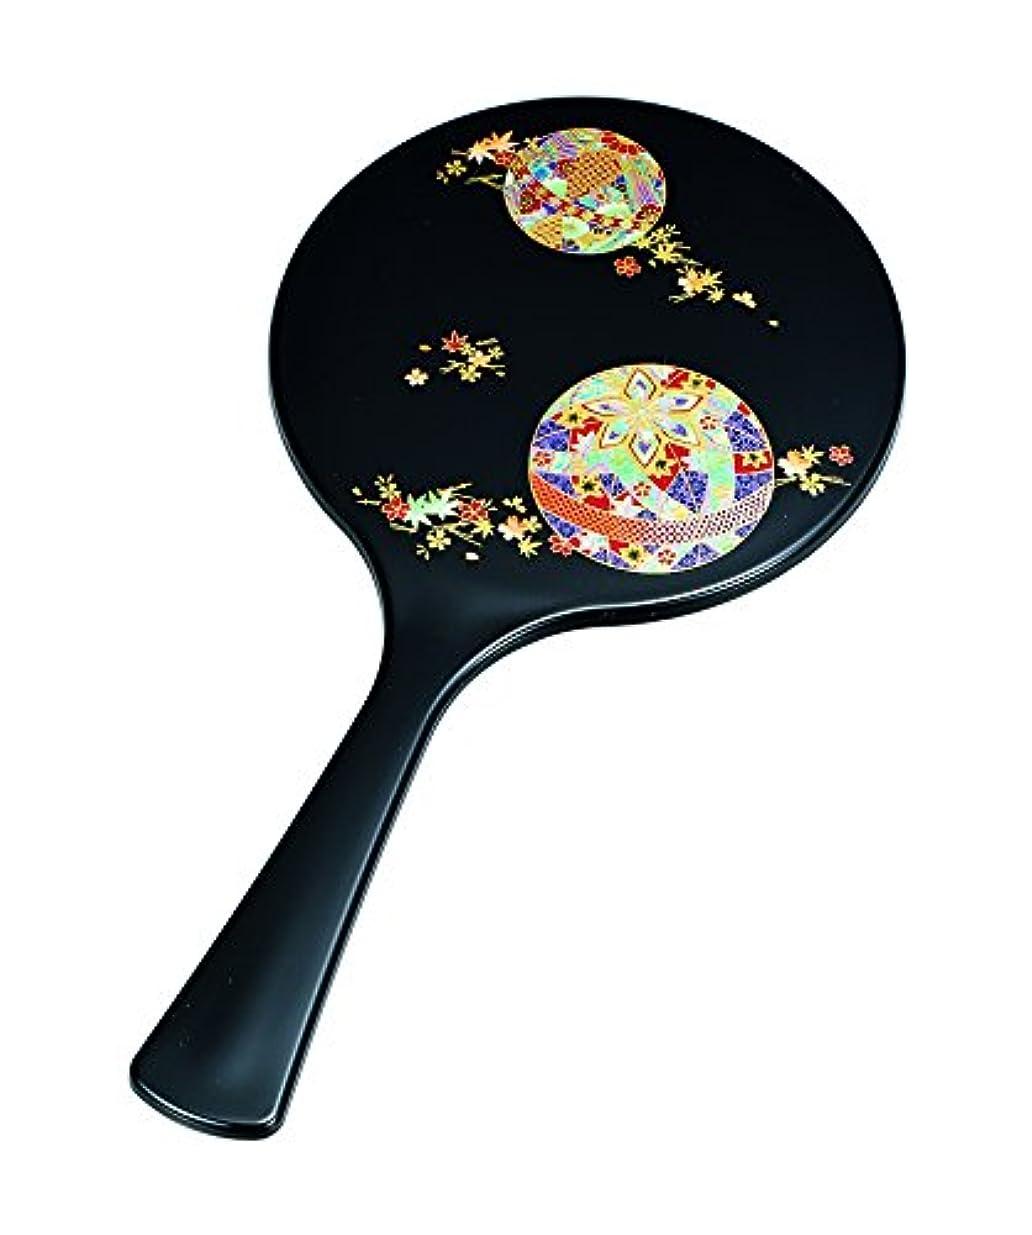 犯罪呼ぶ広告中谷兄弟商会 ミラー 黒 25.6×13.0×0.5cm 丸手鏡 黒 花てまり